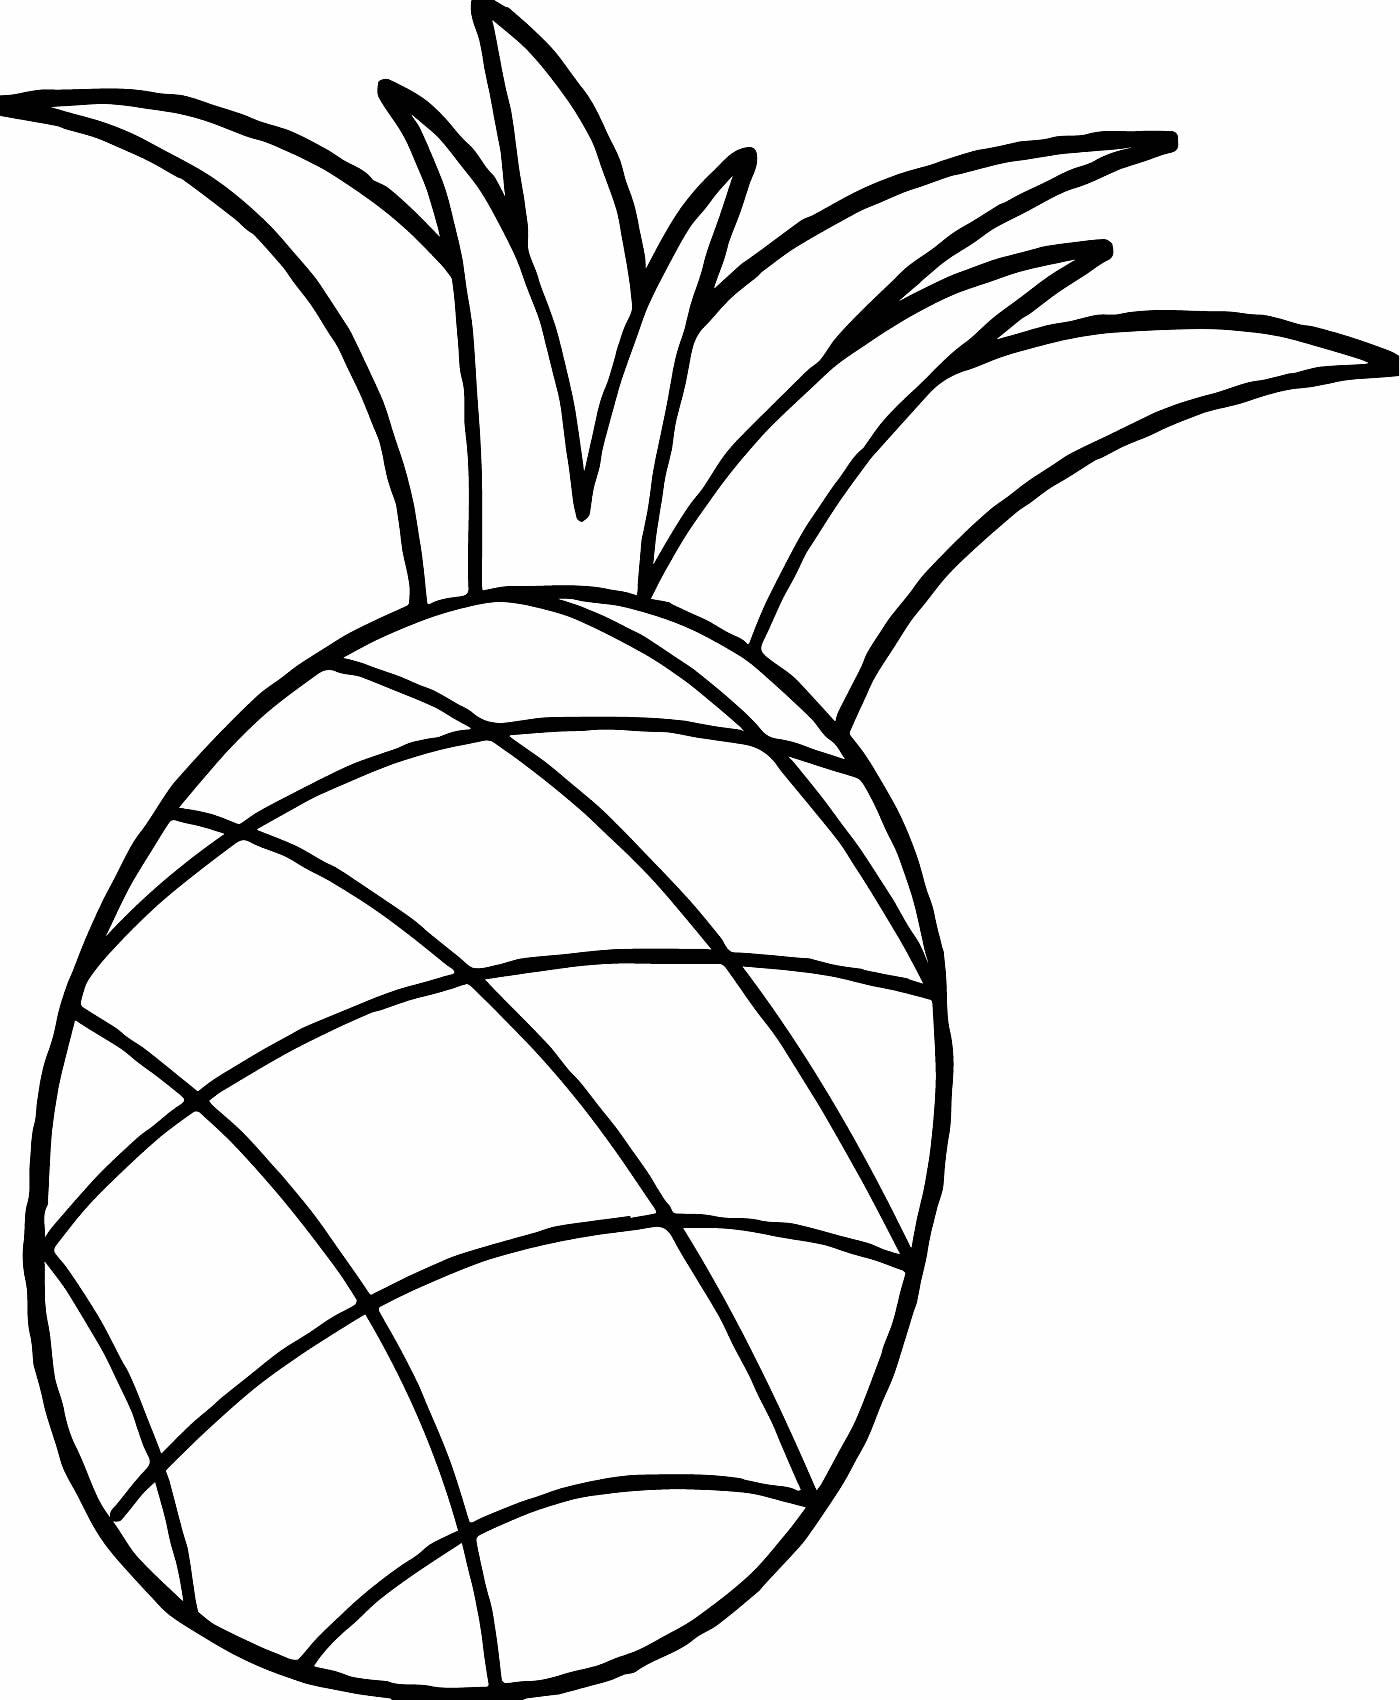 Molde de Abacaxi para imprimir